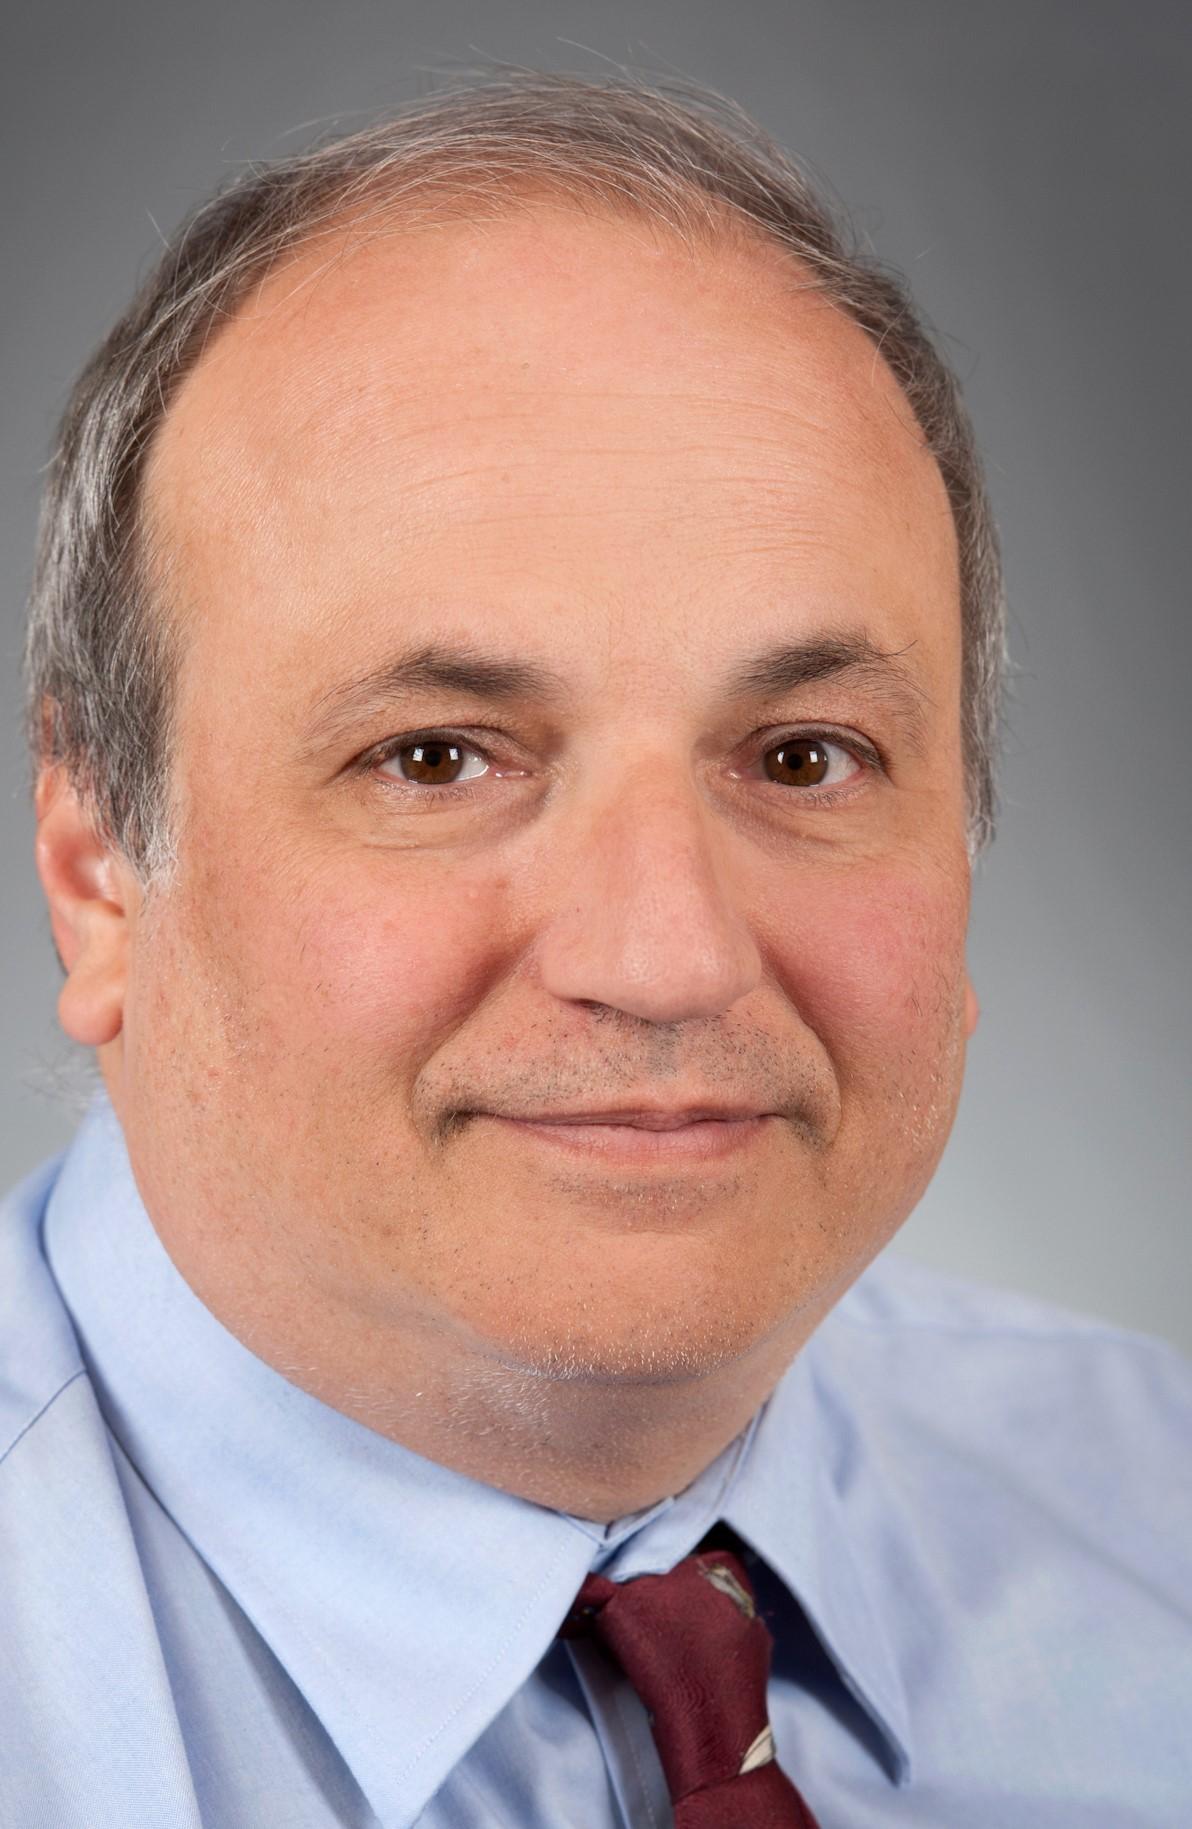 Athos Bousvaros, MD